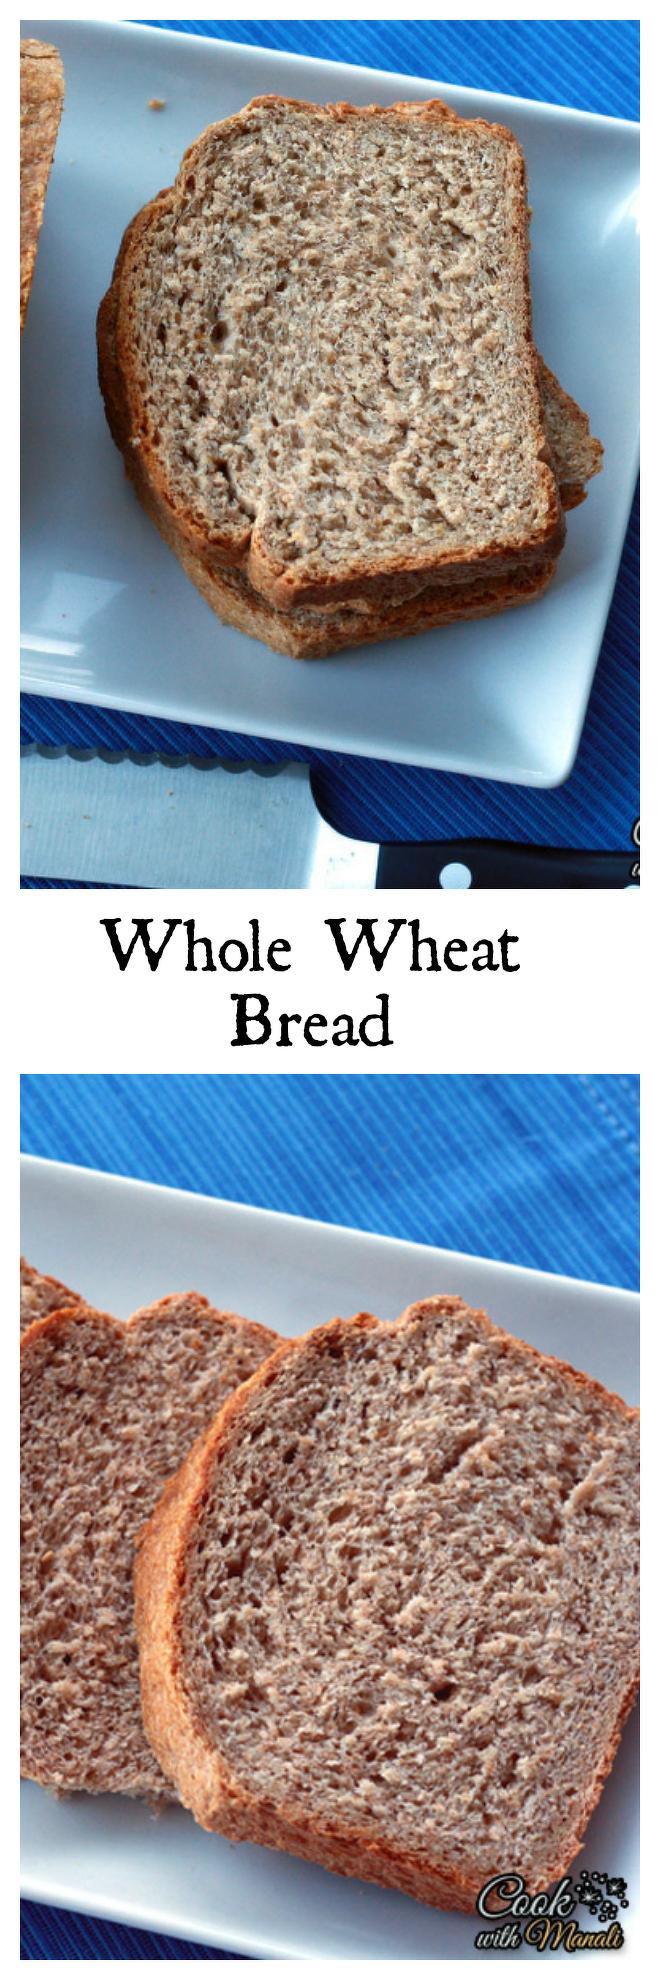 Whole-Wheat-Bread-Collage-nocwm